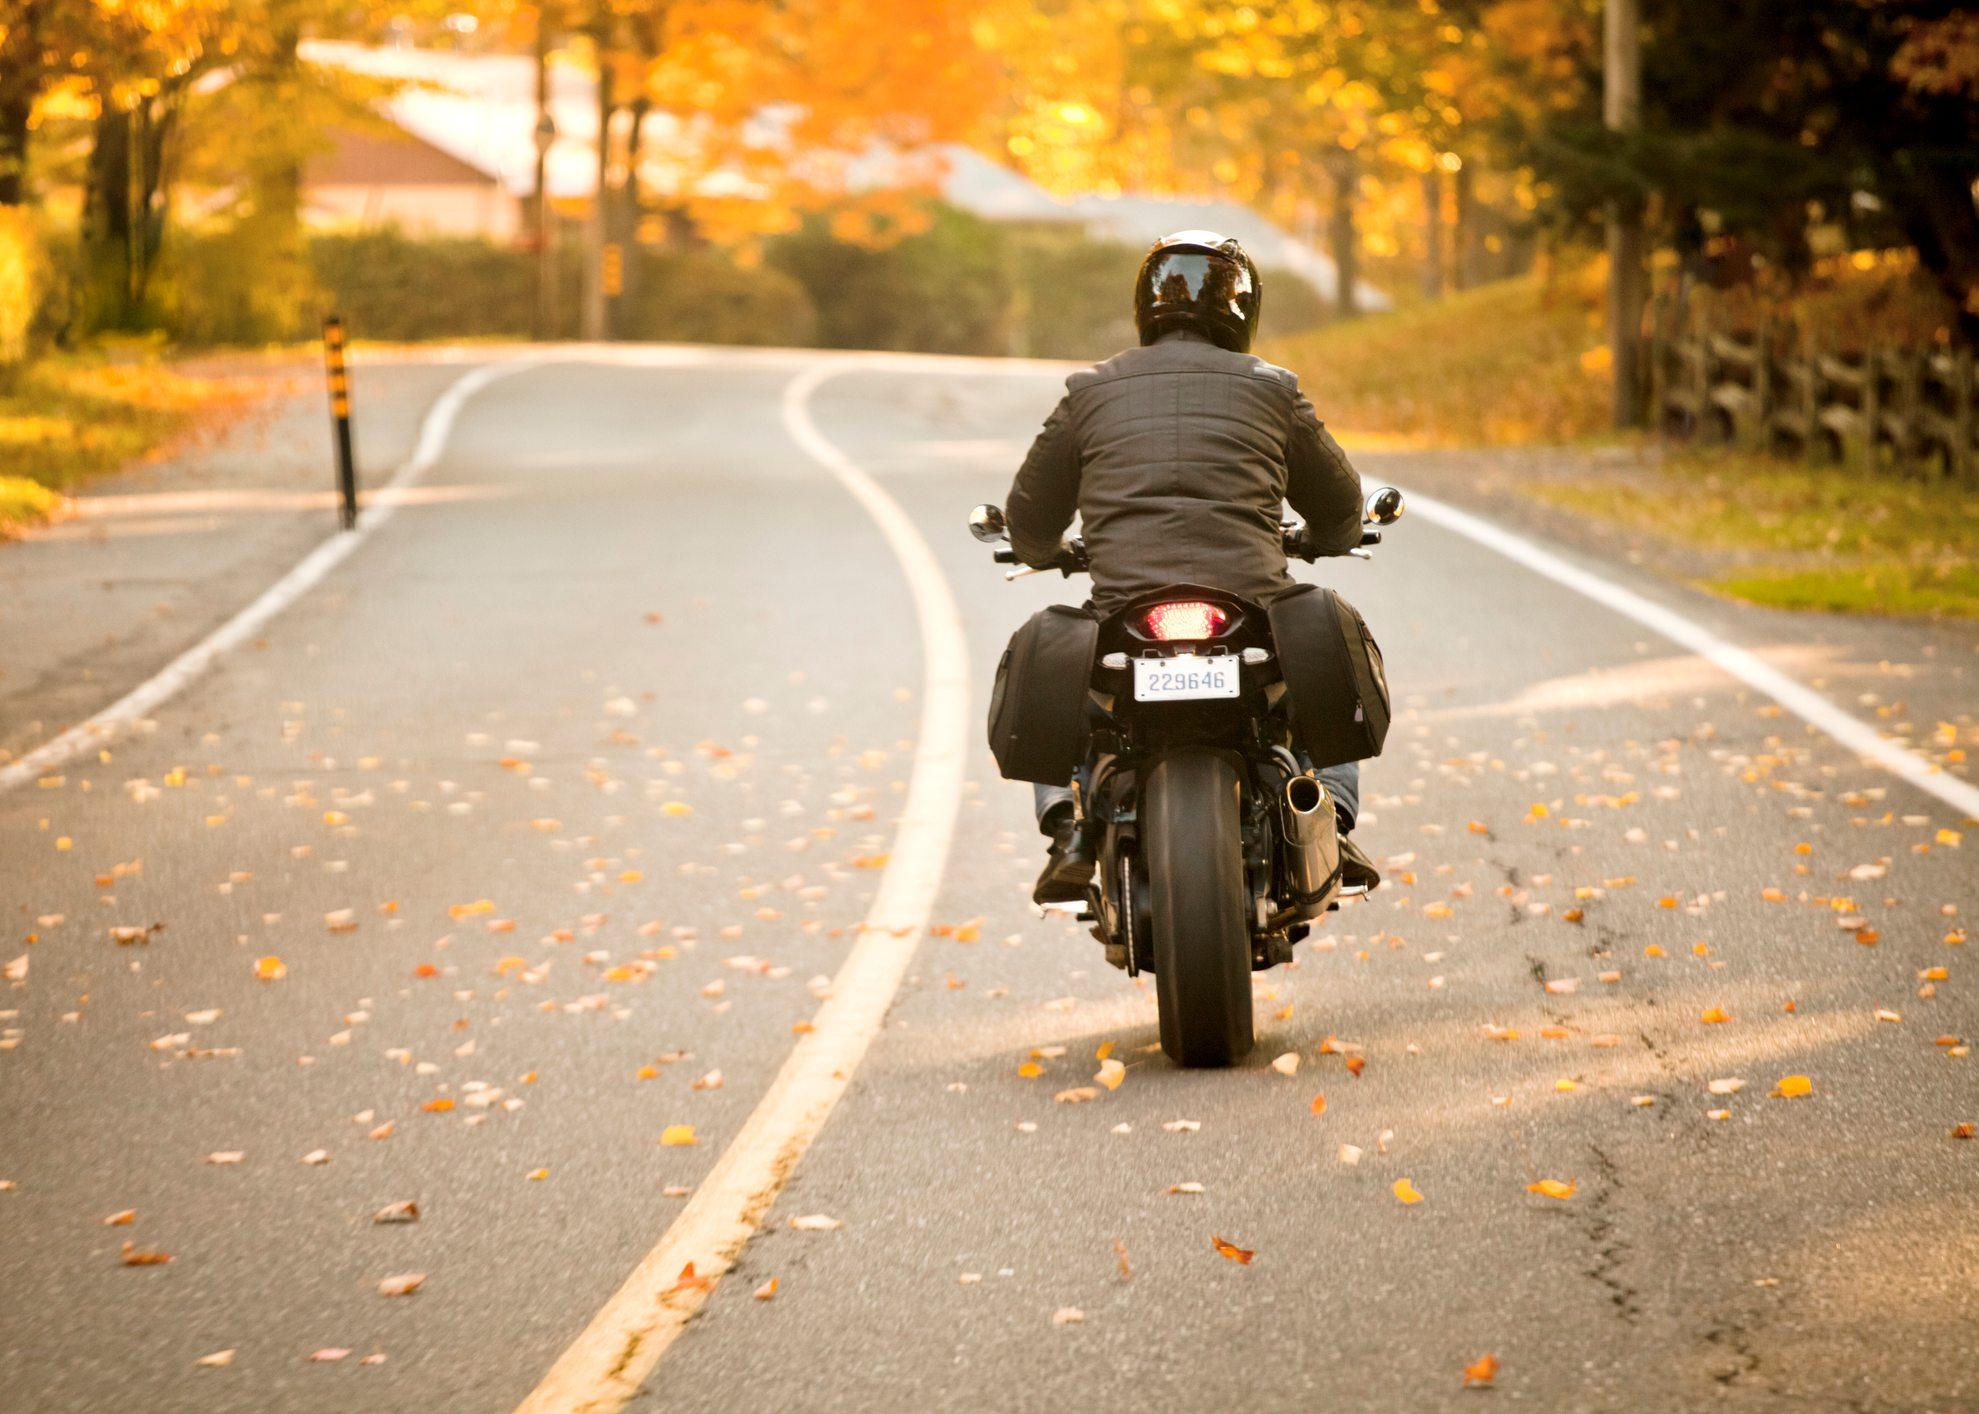 mota a andar em estrada no outono